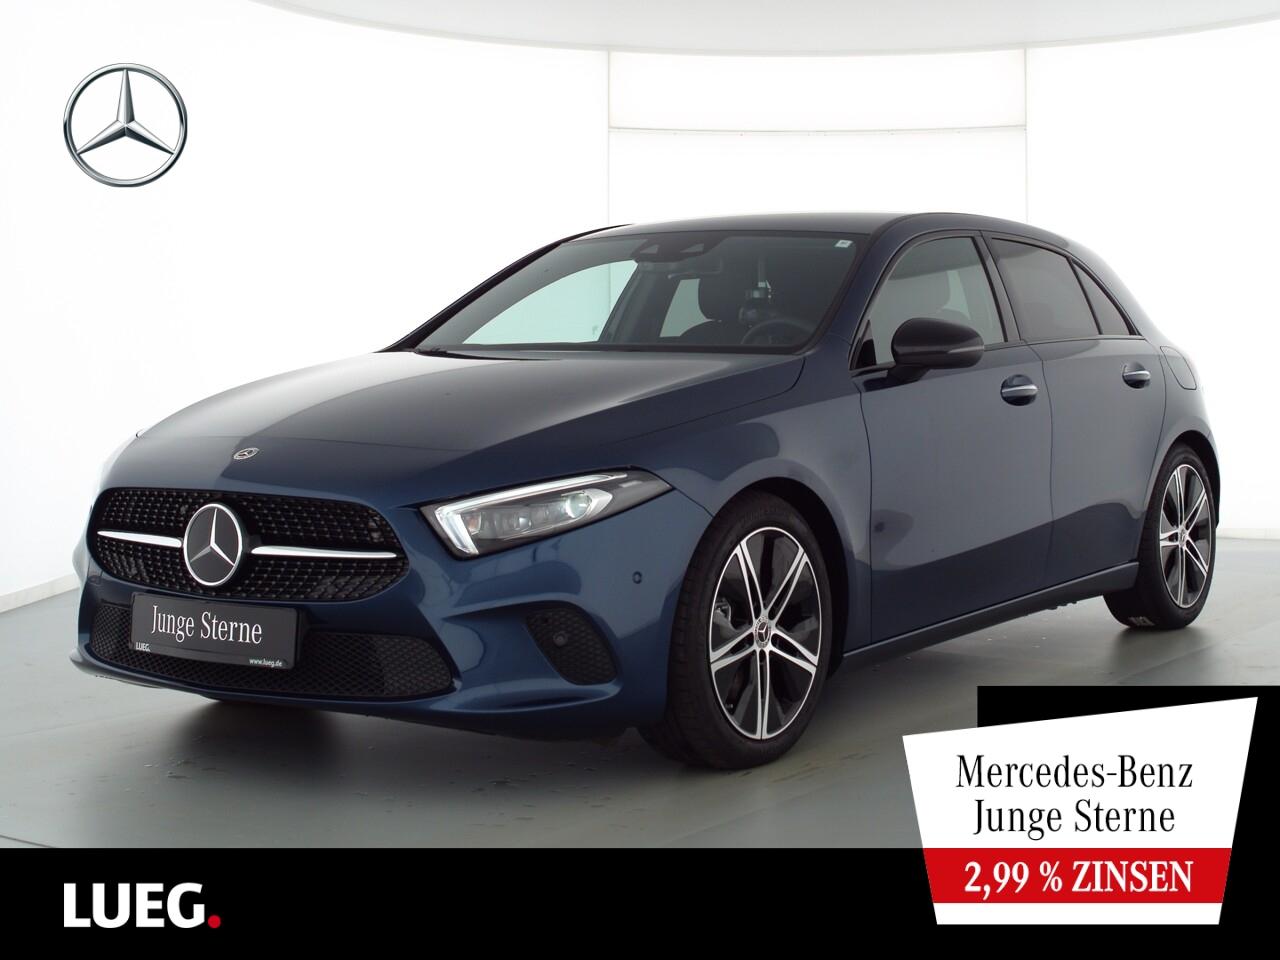 Mercedes-Benz A 220 4M Progressive+MBUX+NavPr+Mbeam+Distr+KeyG, Jahr 2020, Benzin